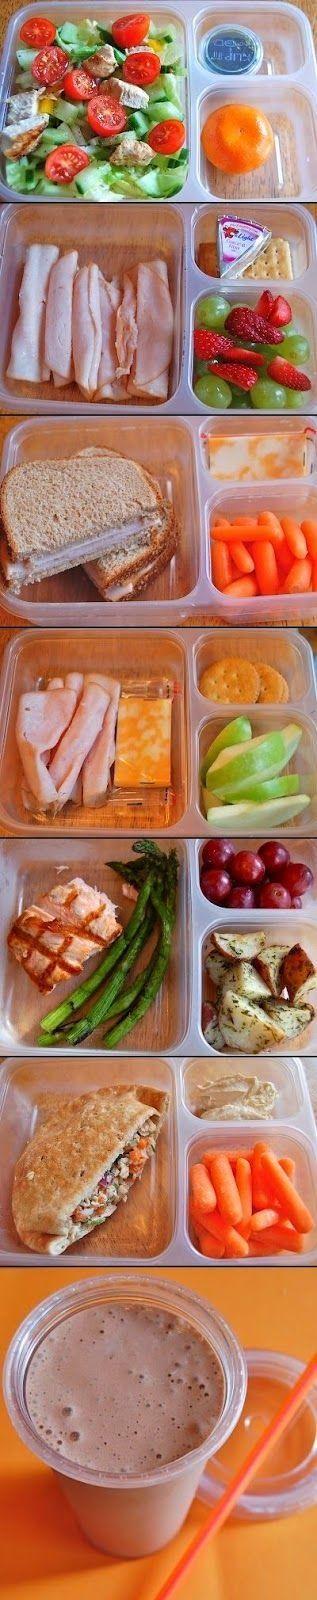 Healthy Lunch Ideas by batjas88